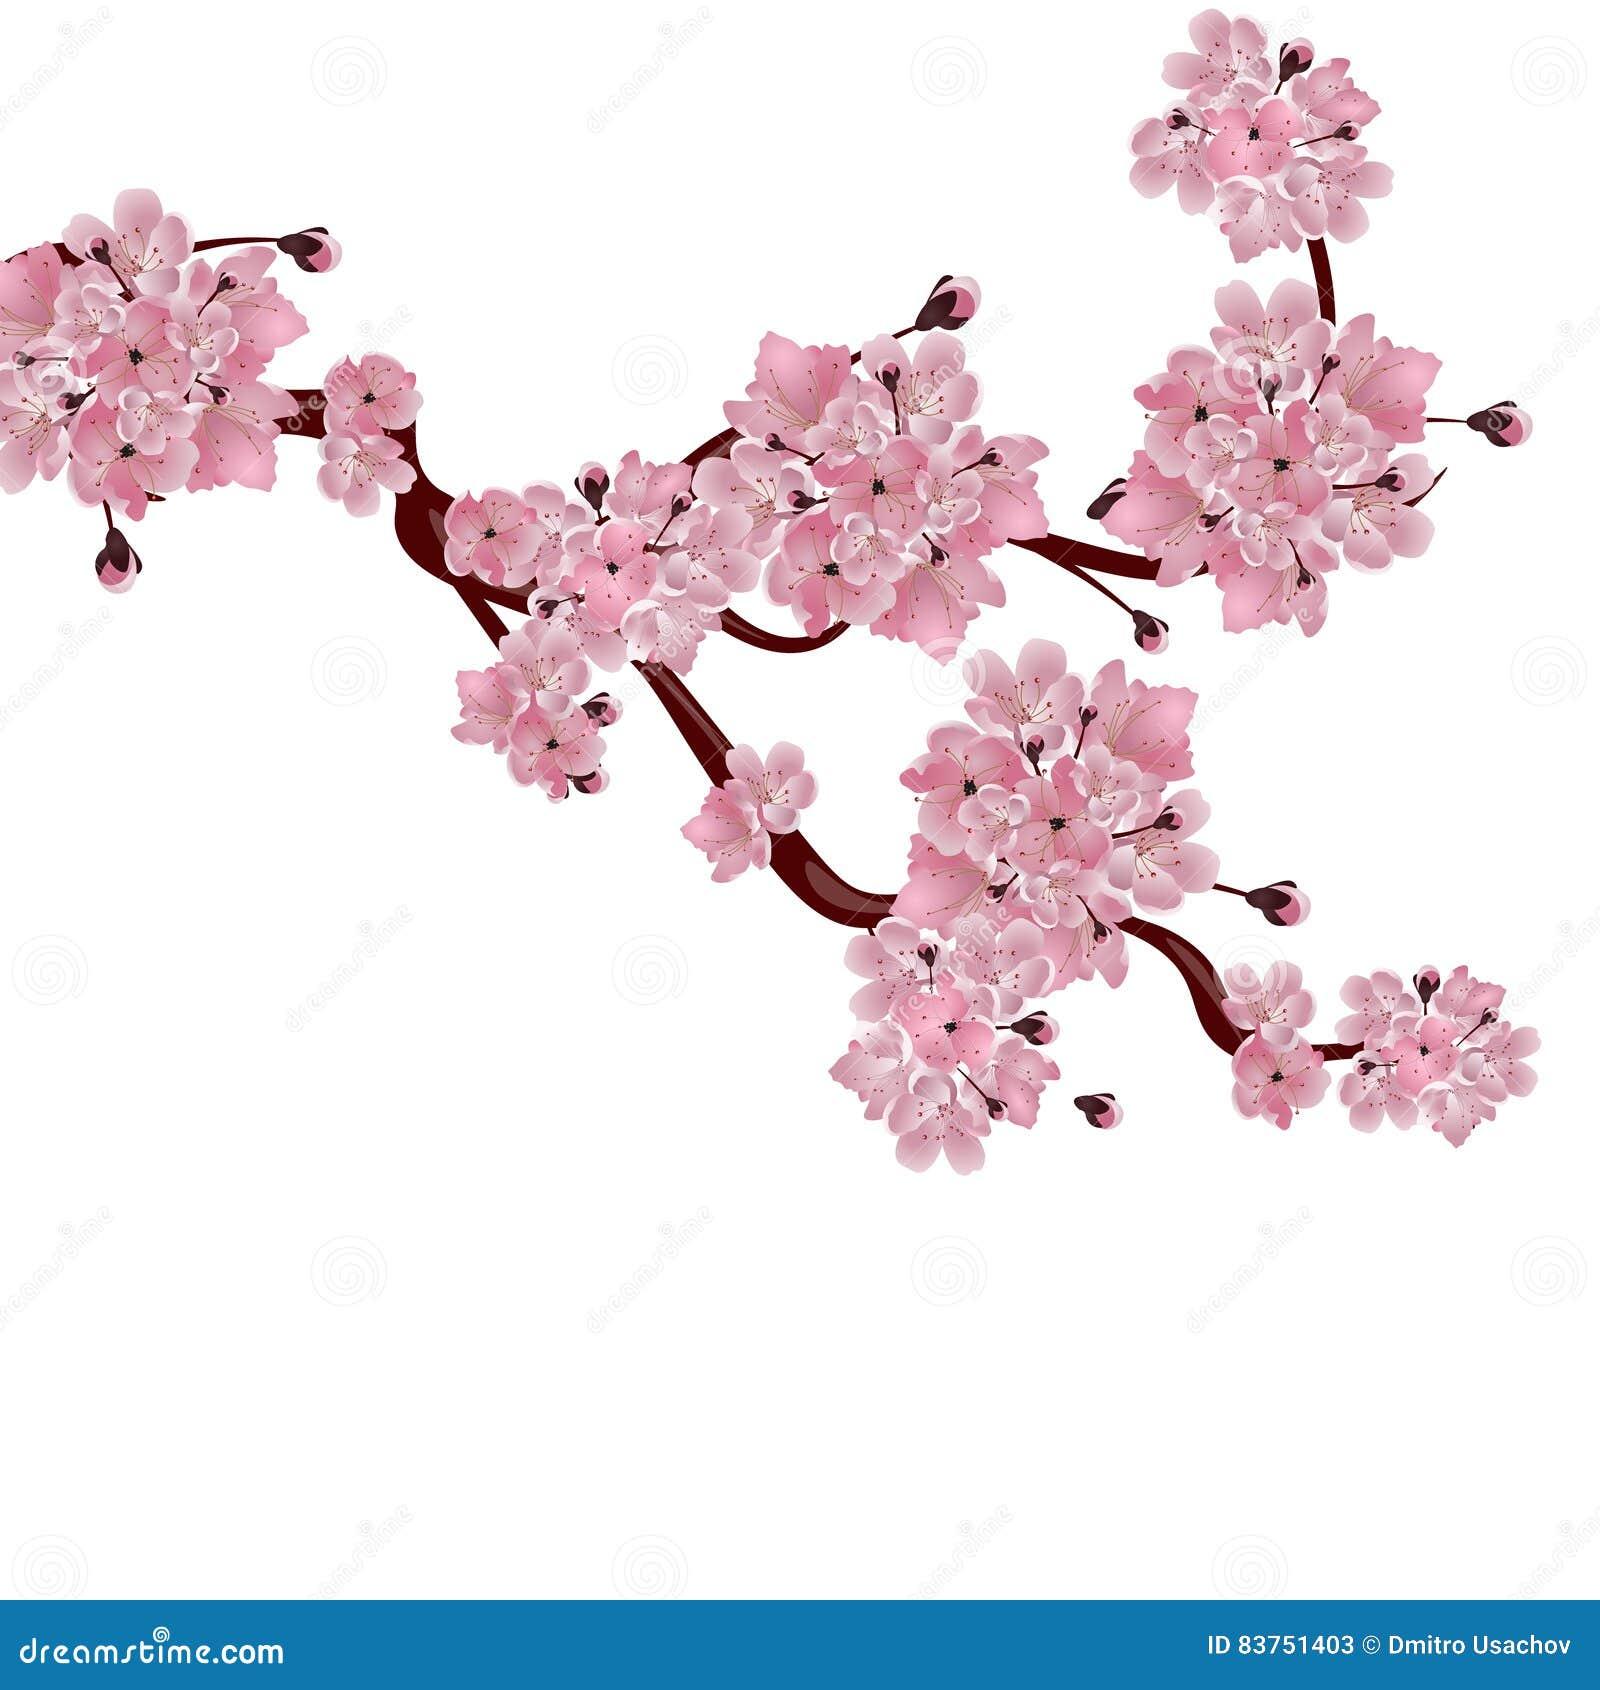 Dessin fleurs de cerisier japonais galerie tatouage - Cerisier en fleur dessin ...